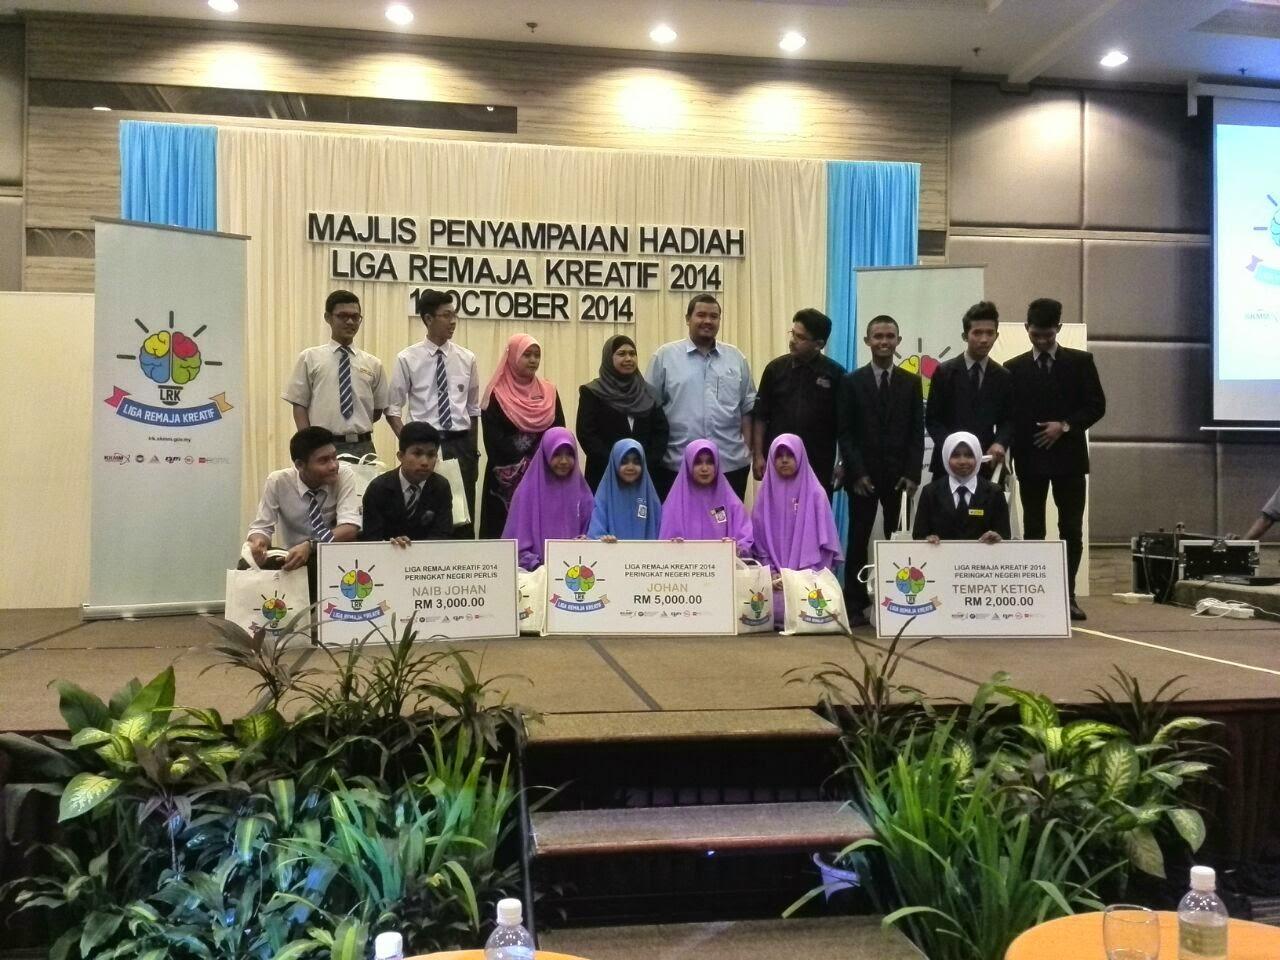 Keputusan Liga Remaja Kreatif 2014 (Zon Utara) Perlis